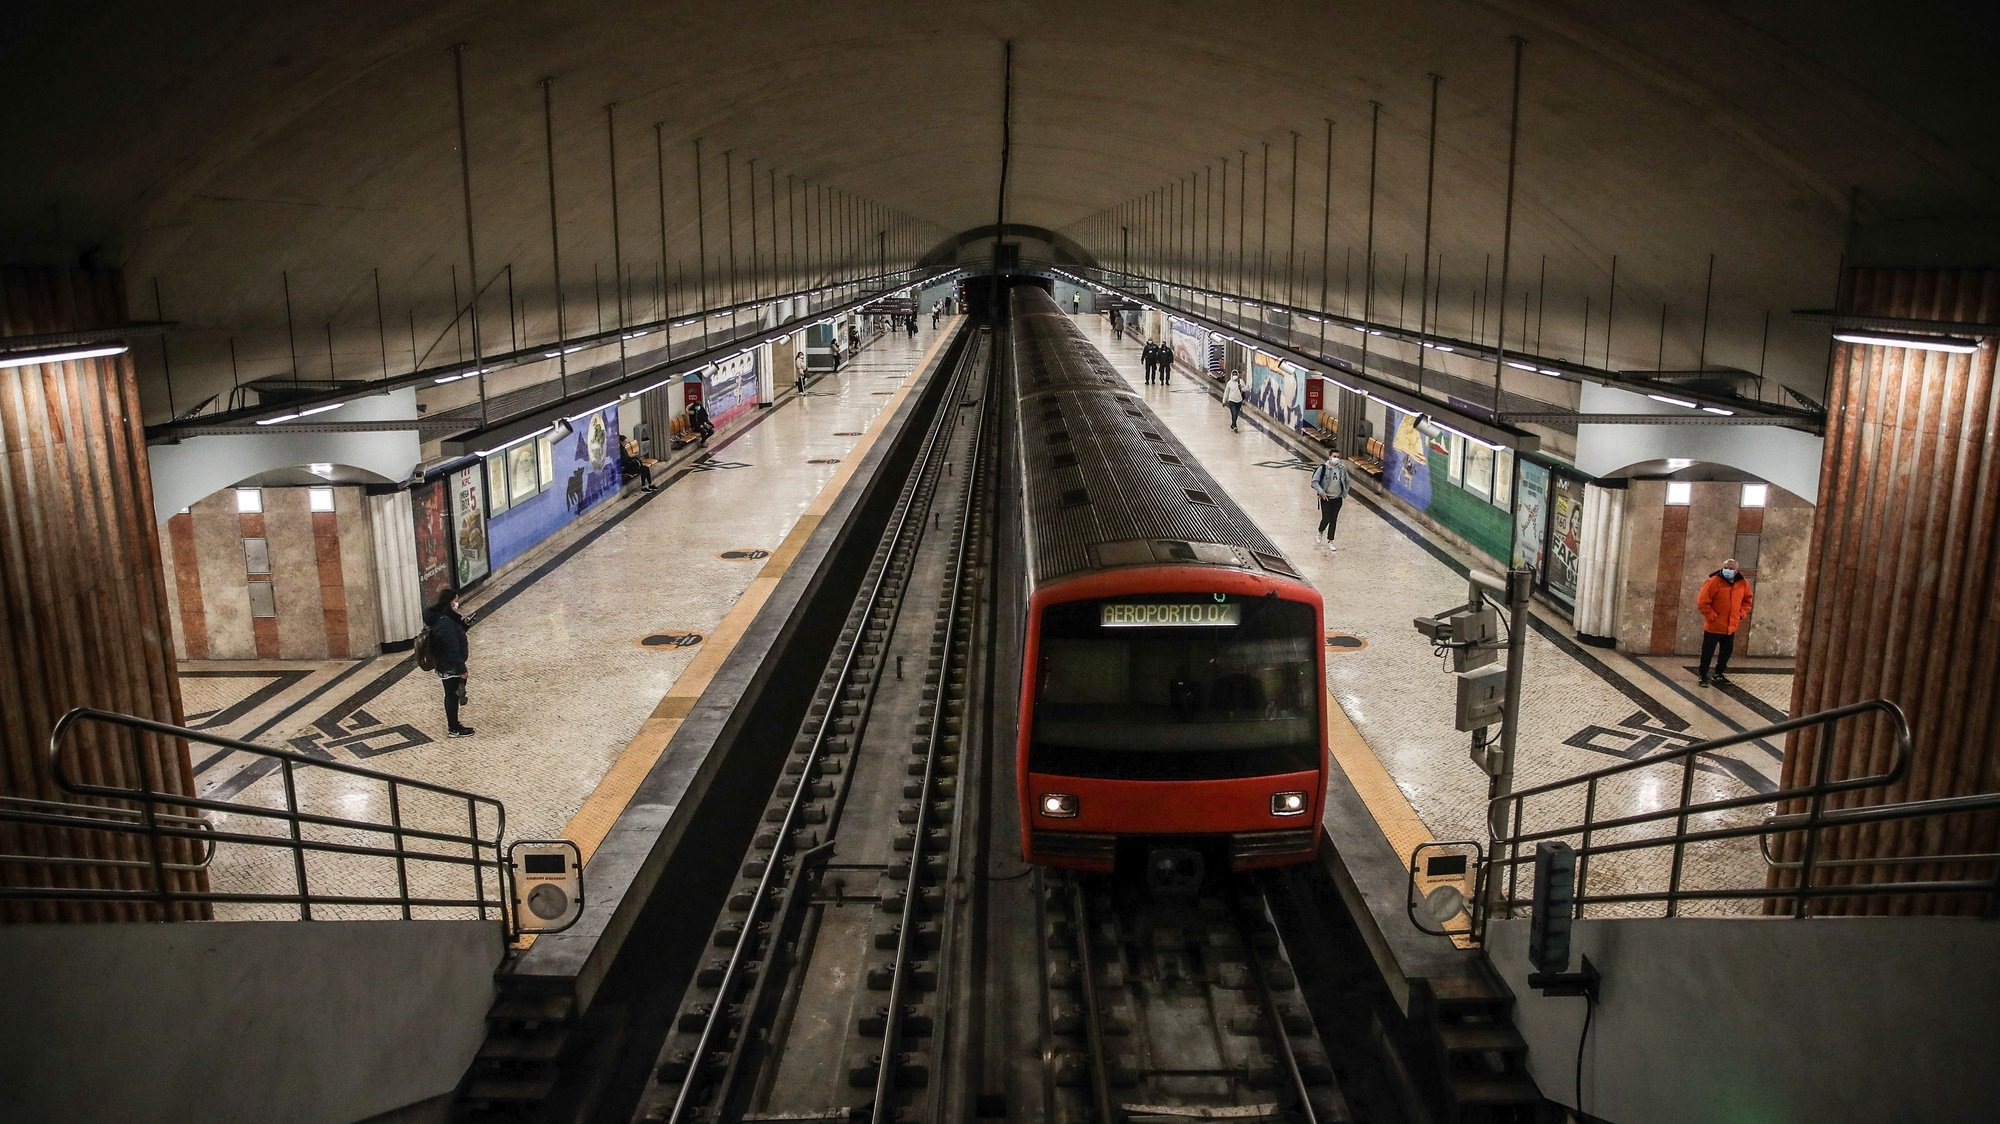 Estação do Metro dos Olivais depois das obras de requalificação e onde já existe a funcionalidade de pagamentos sem contacto nas máquinas automáticas de venda de títulos da rede do Metropolitano de Lisboa, em Lisboa, 4 de novembro de 2020. MÁRIO CRUZ/LUSA